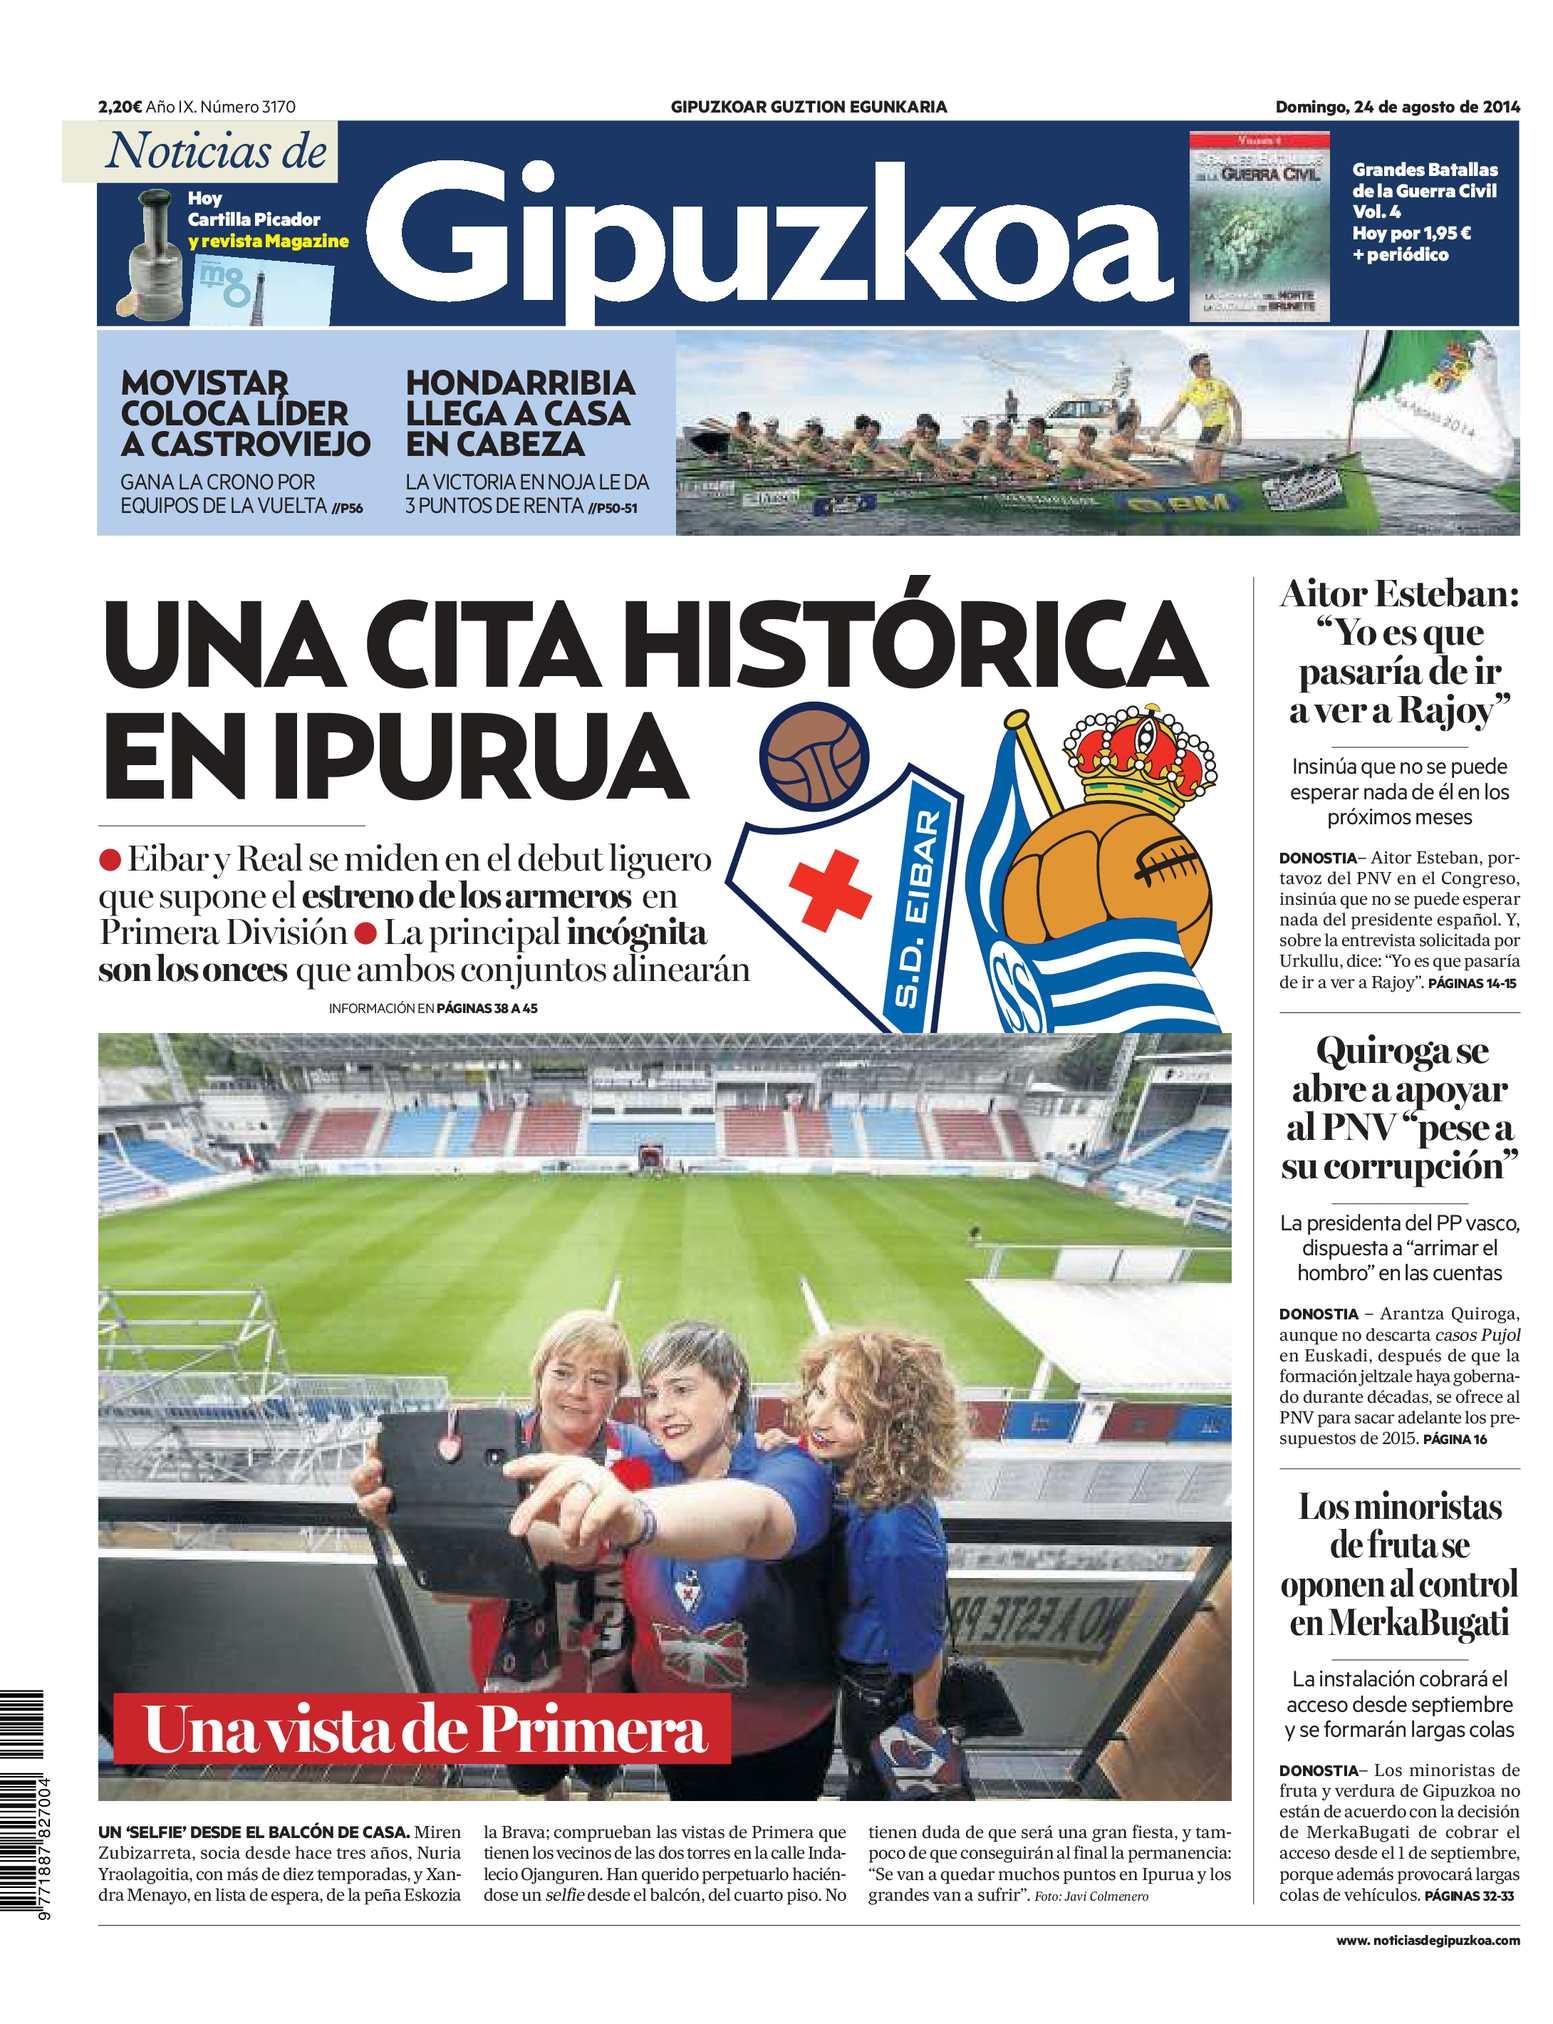 Calaméo - Noticias de Gipuzkoa 20140824 9d703929d59ae